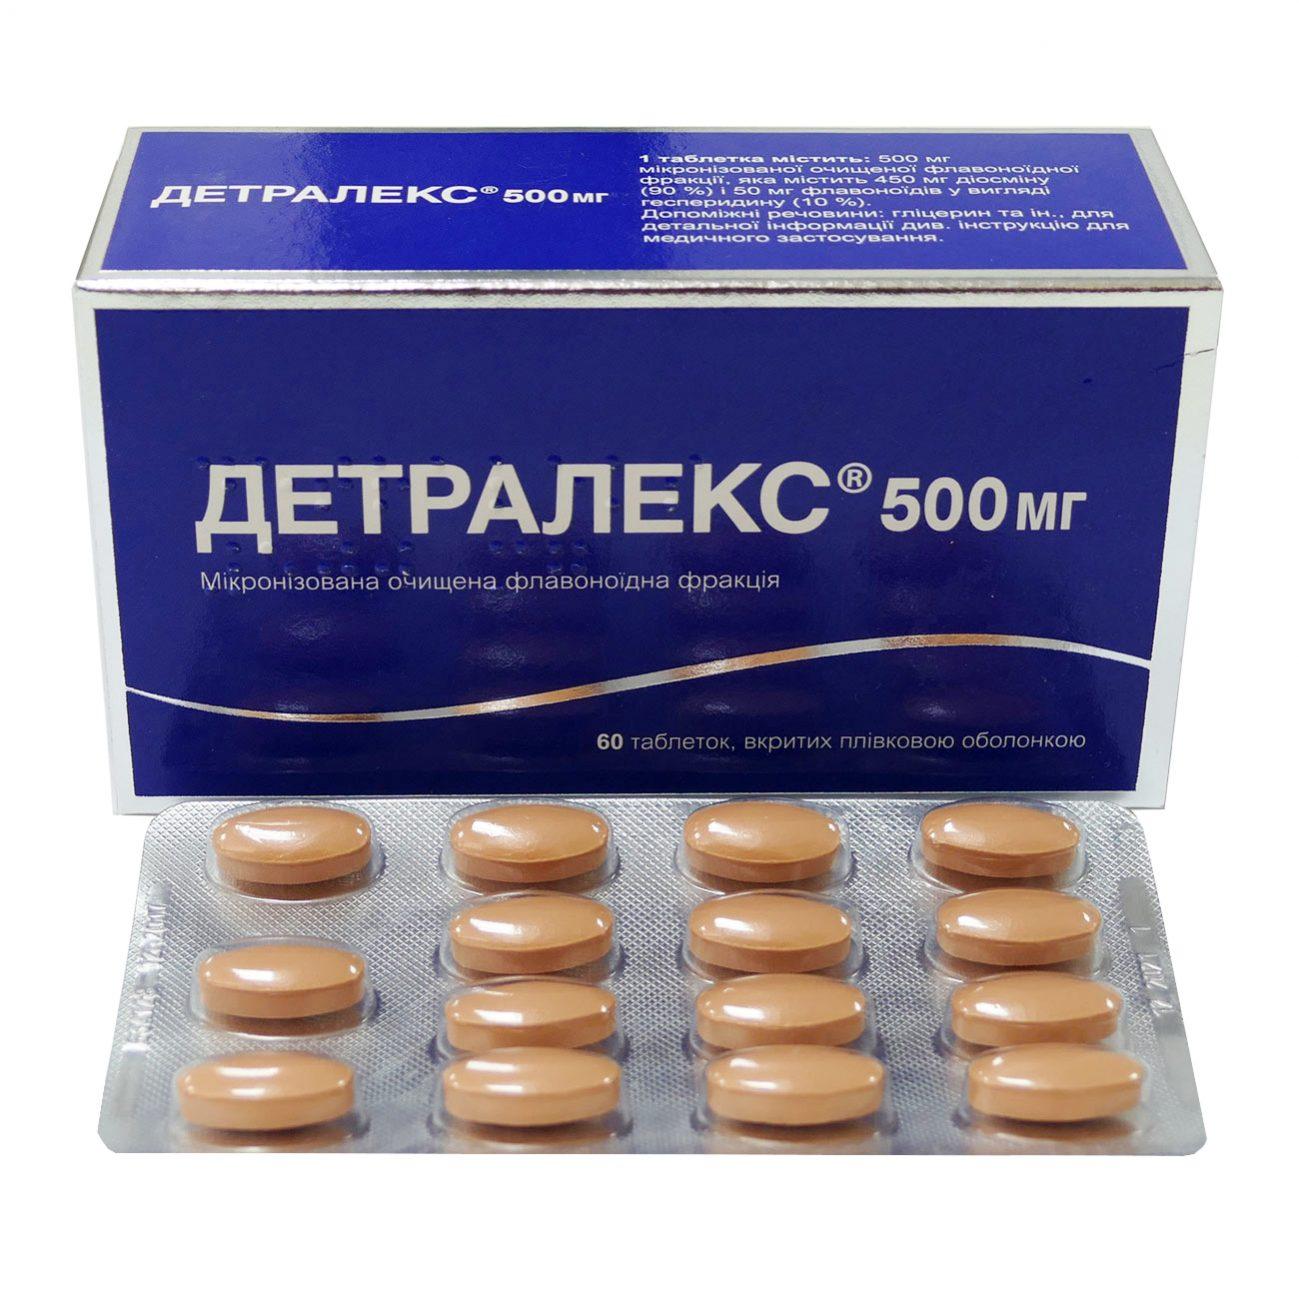 Инструкция по применению детралекса и отзывы о препарате